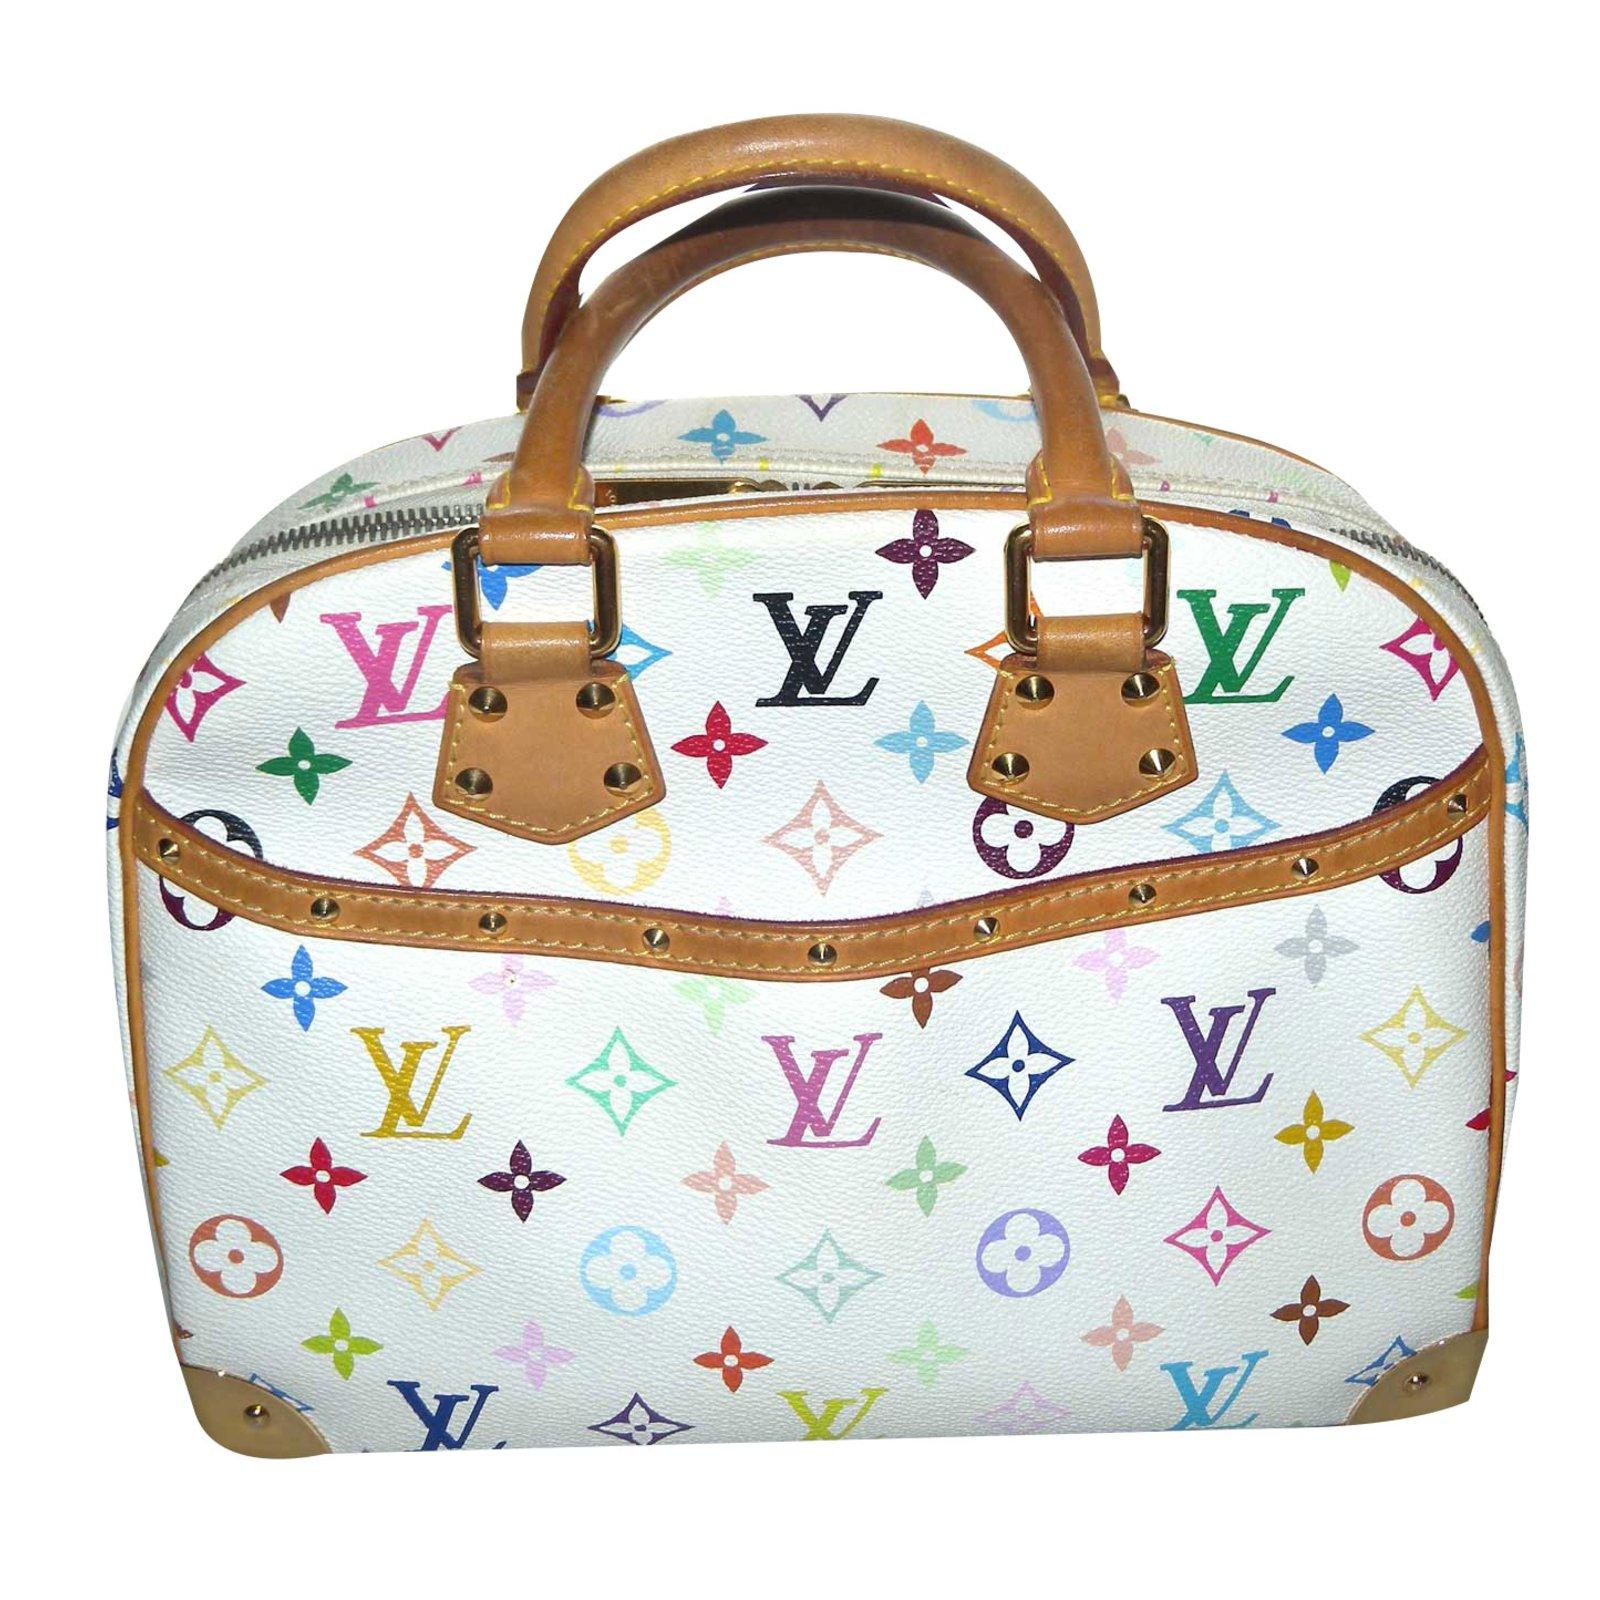 Louis Vuitton Handbags Leather White Multiple Colors Ref 65813